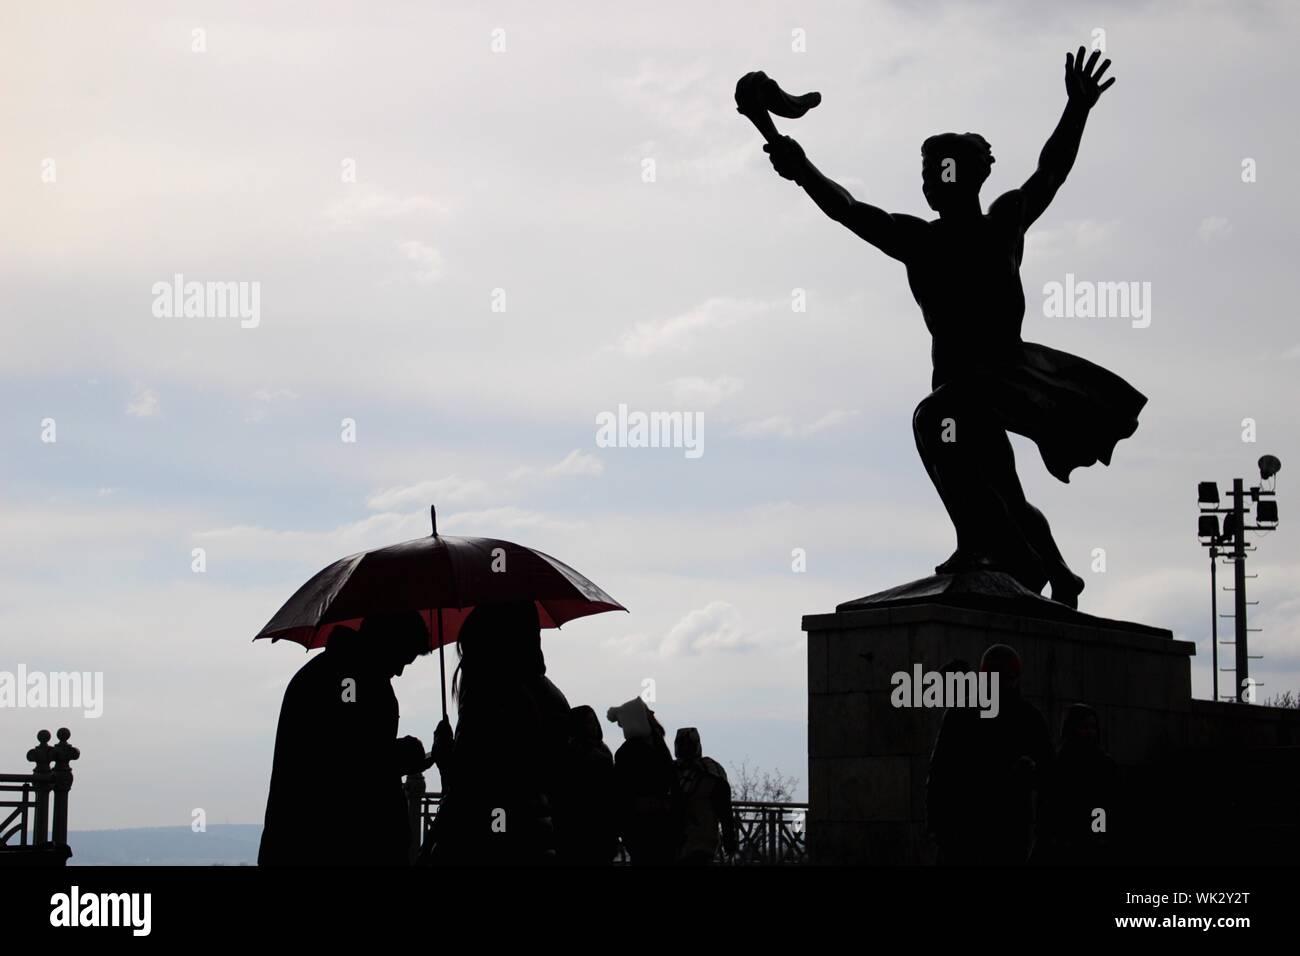 Bronzeskulptur Skulptur Regenschirm Mann mit Schirm Figur Moderne Antik-Stil